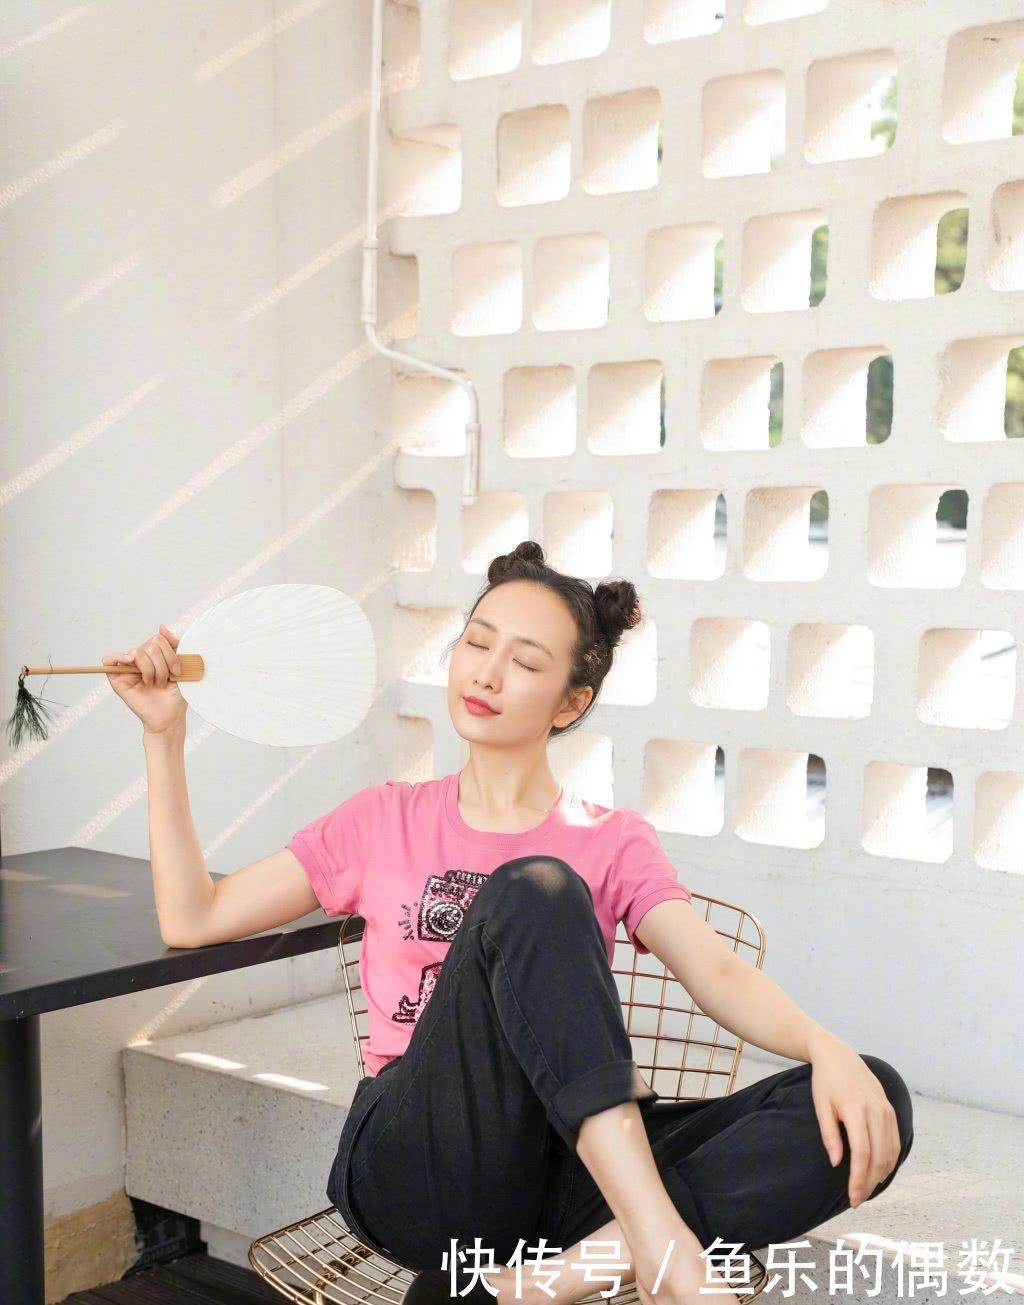 王鸥穿着件明星参加《睡衣大侦探》,a穿着十足T耶尼亚情趣内衣裤图片